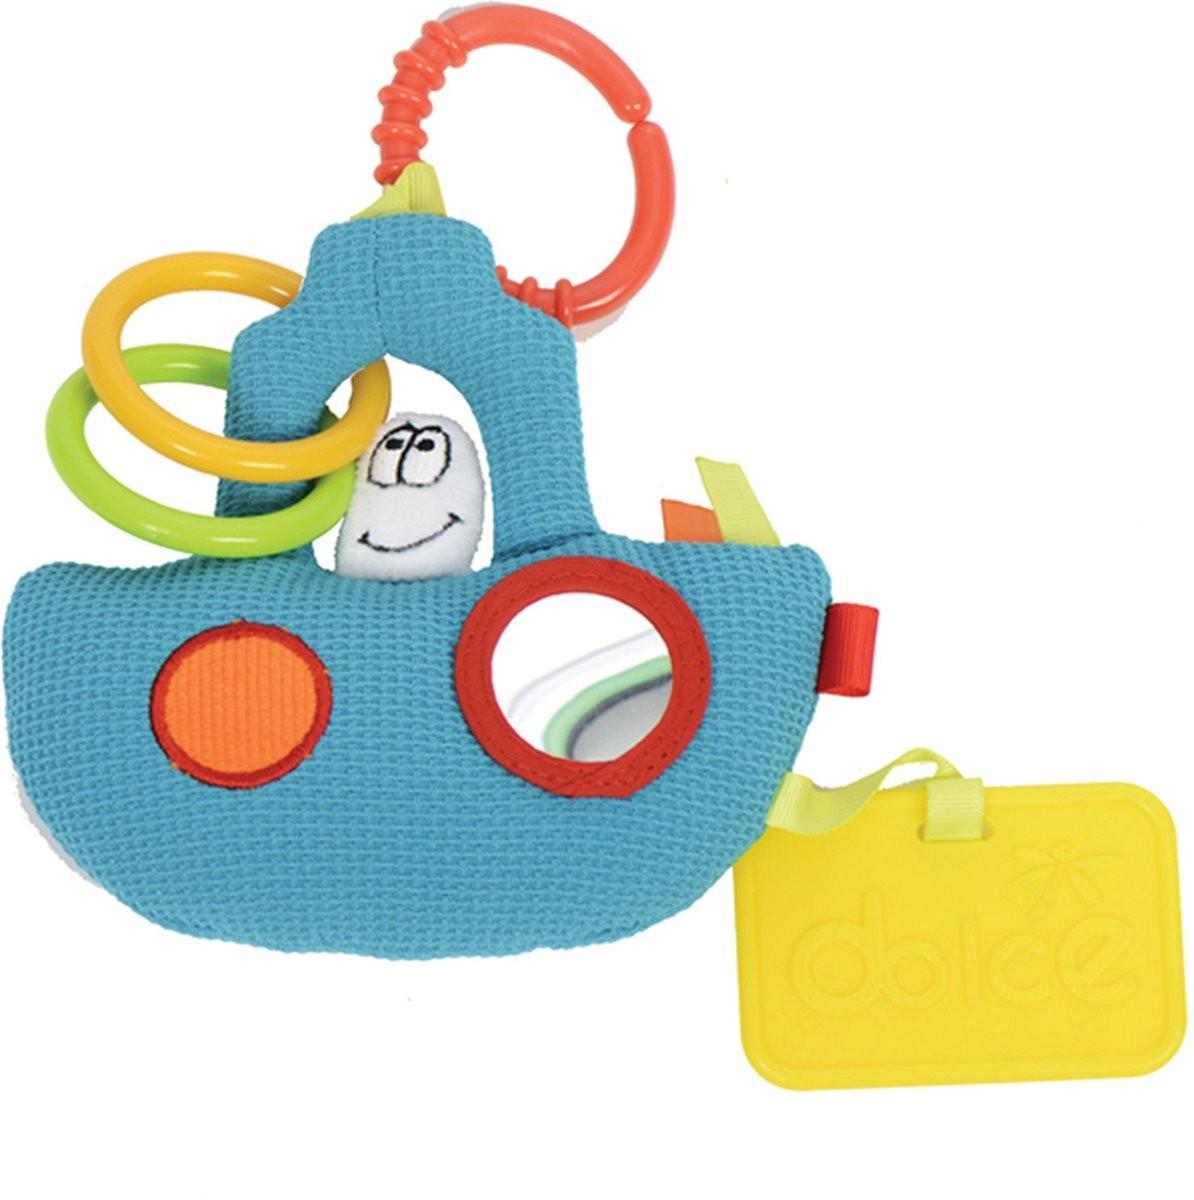 Dolce Toys - Activiteiten Knuffel - Slaapboot - One Size